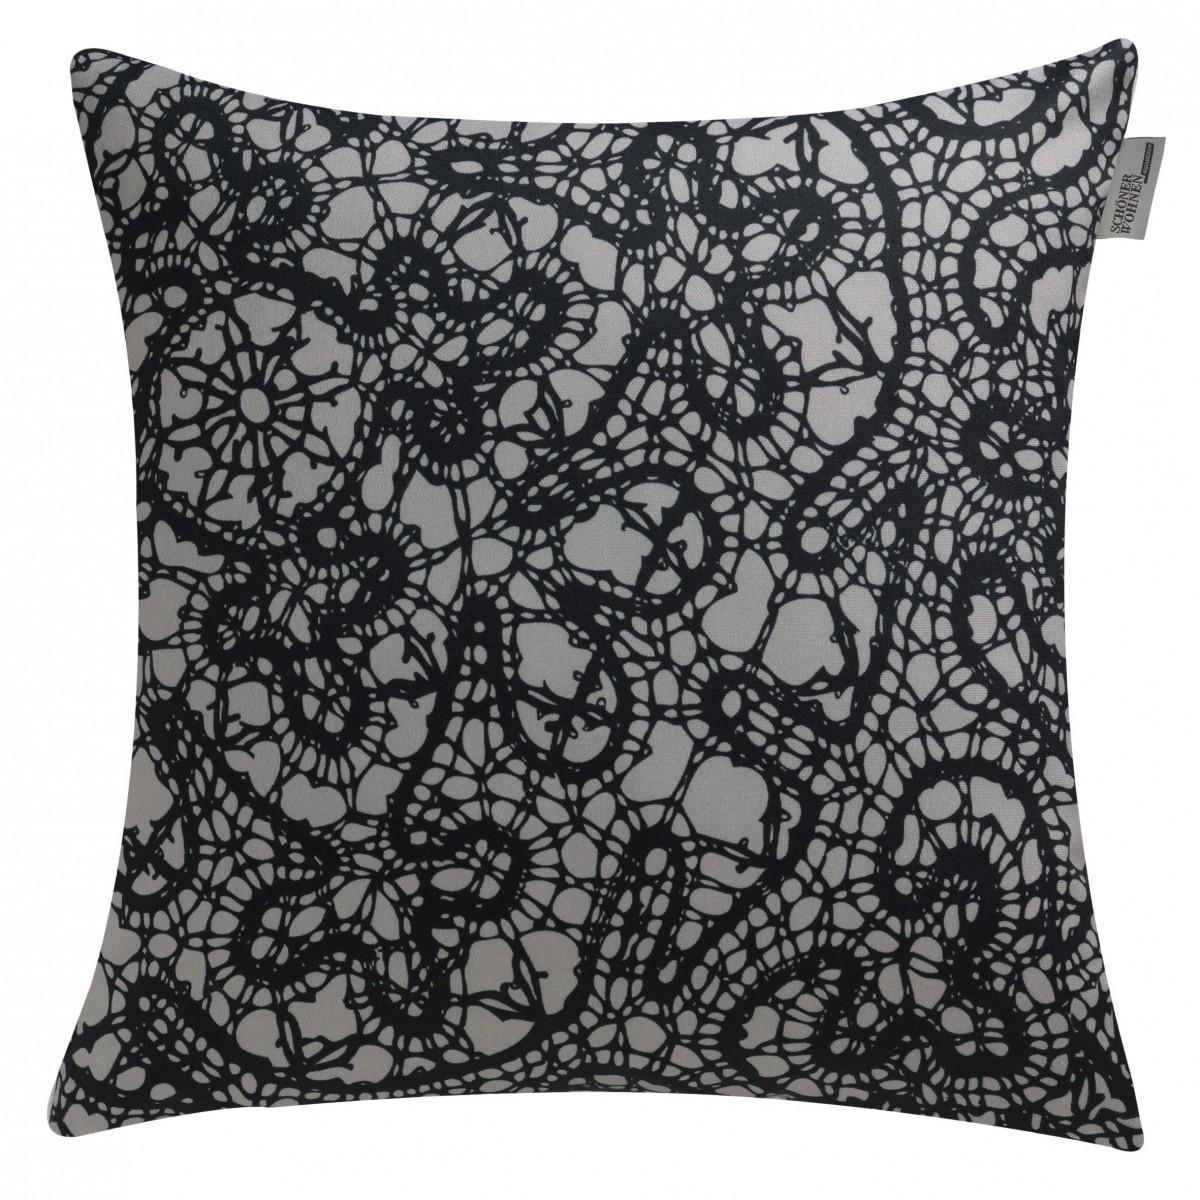 sch ner wohnen kissenh lle embroidery schwarz grau 50x50cm. Black Bedroom Furniture Sets. Home Design Ideas